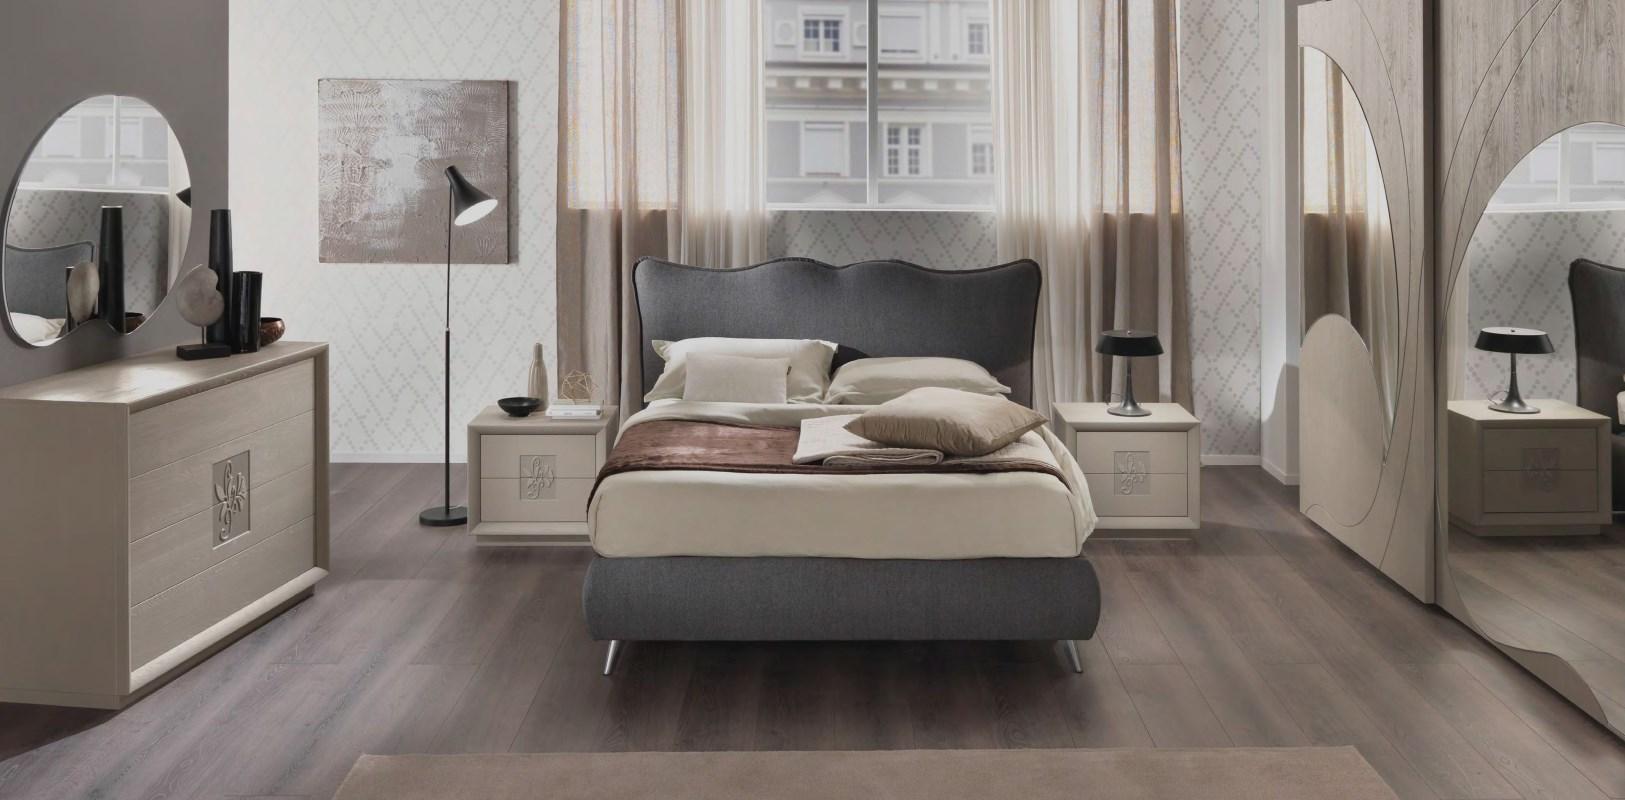 euro-design-arredamento-camere-da-letto - Euro Design